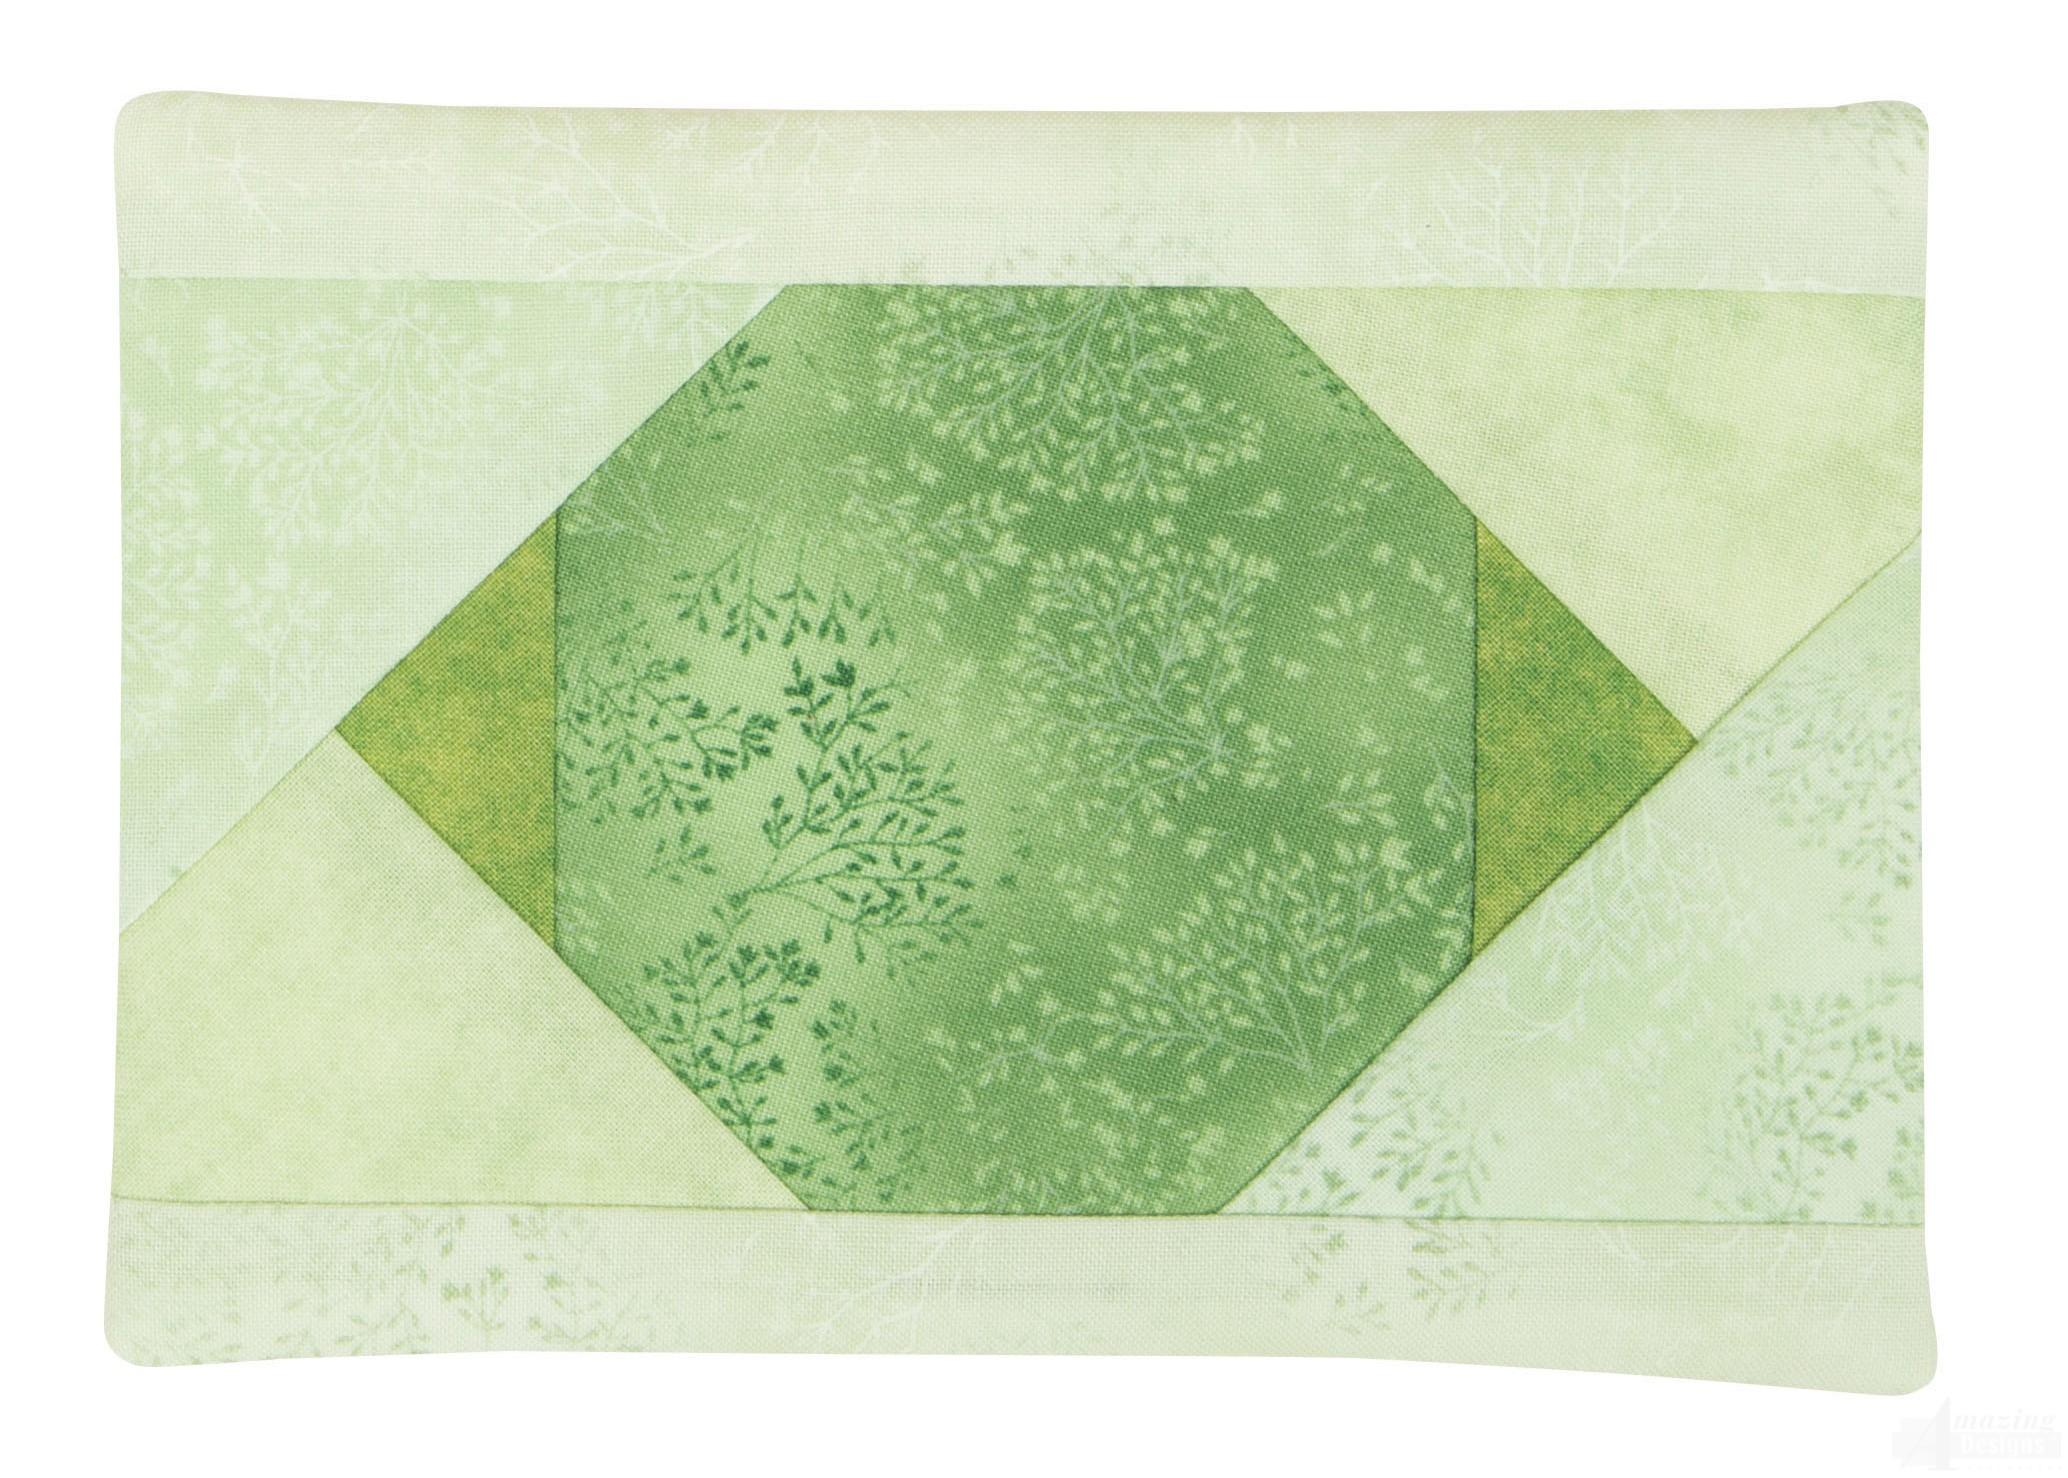 Mug rug 3 embroidery design